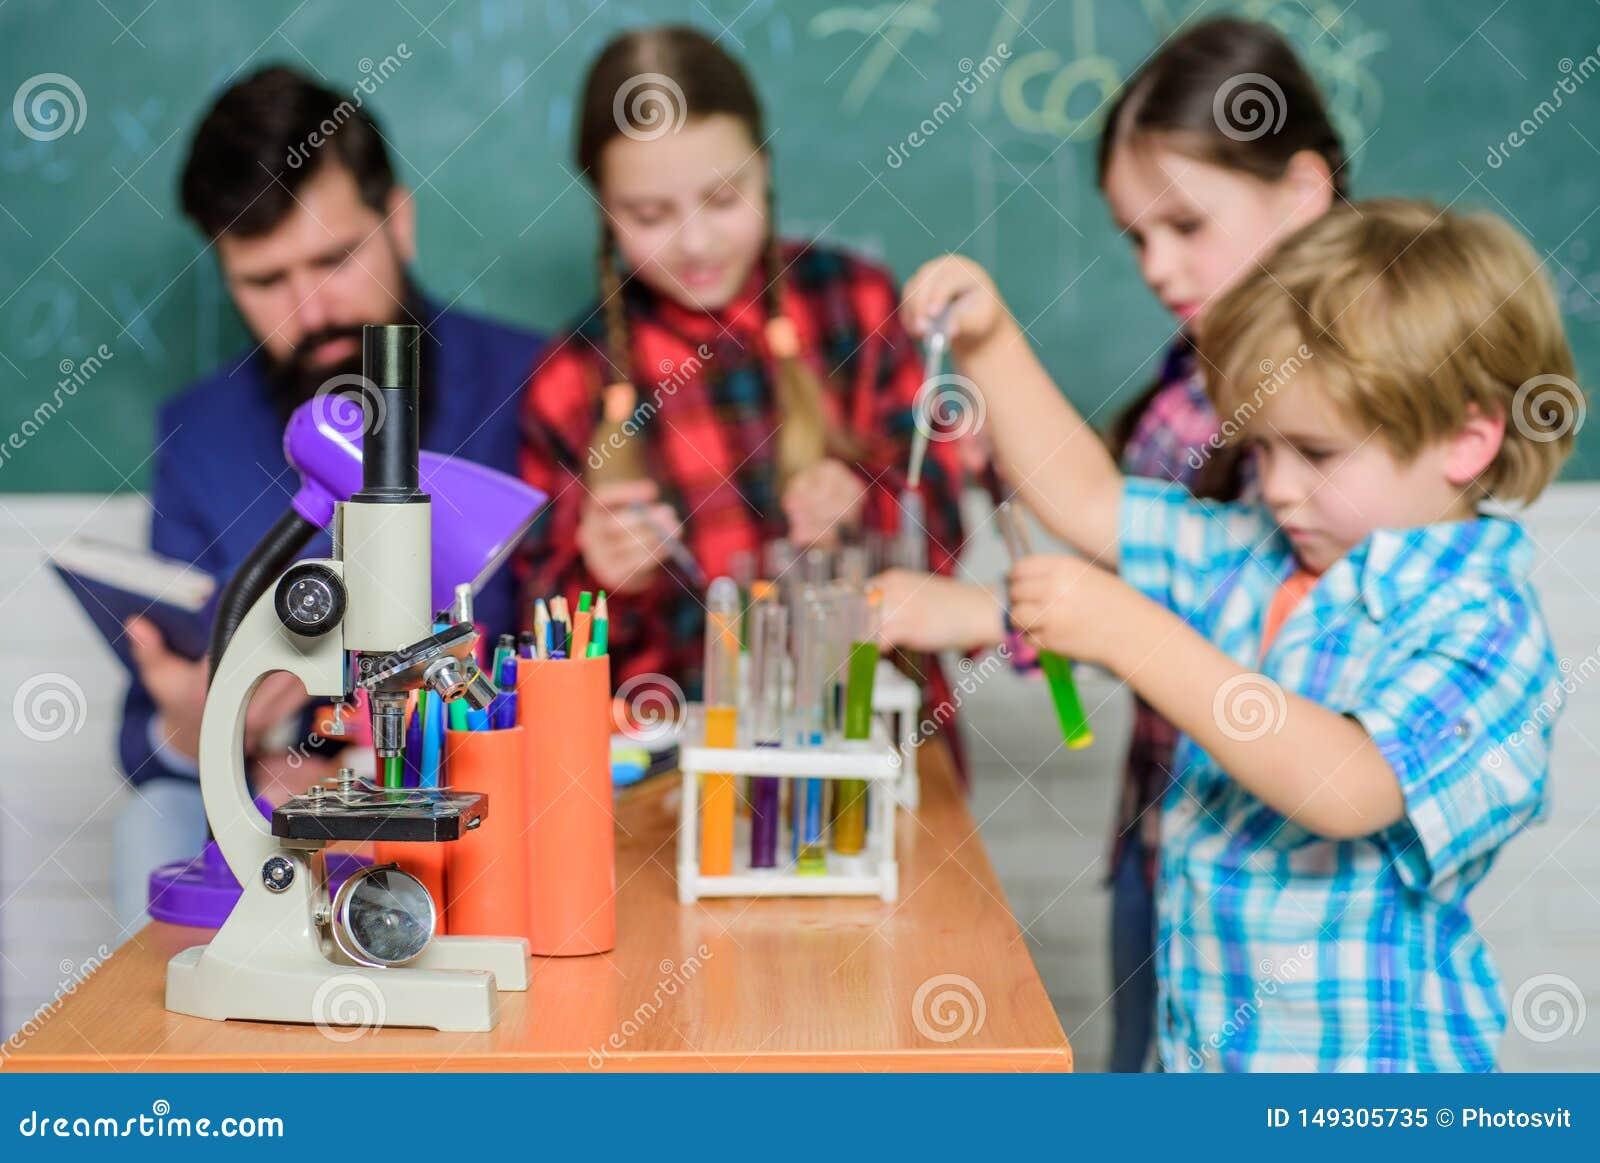 Terug naar School Onderwijs concept kinderenwetenschappers die experimenten in laboratorium maken Leerlingen in de chemieklasse